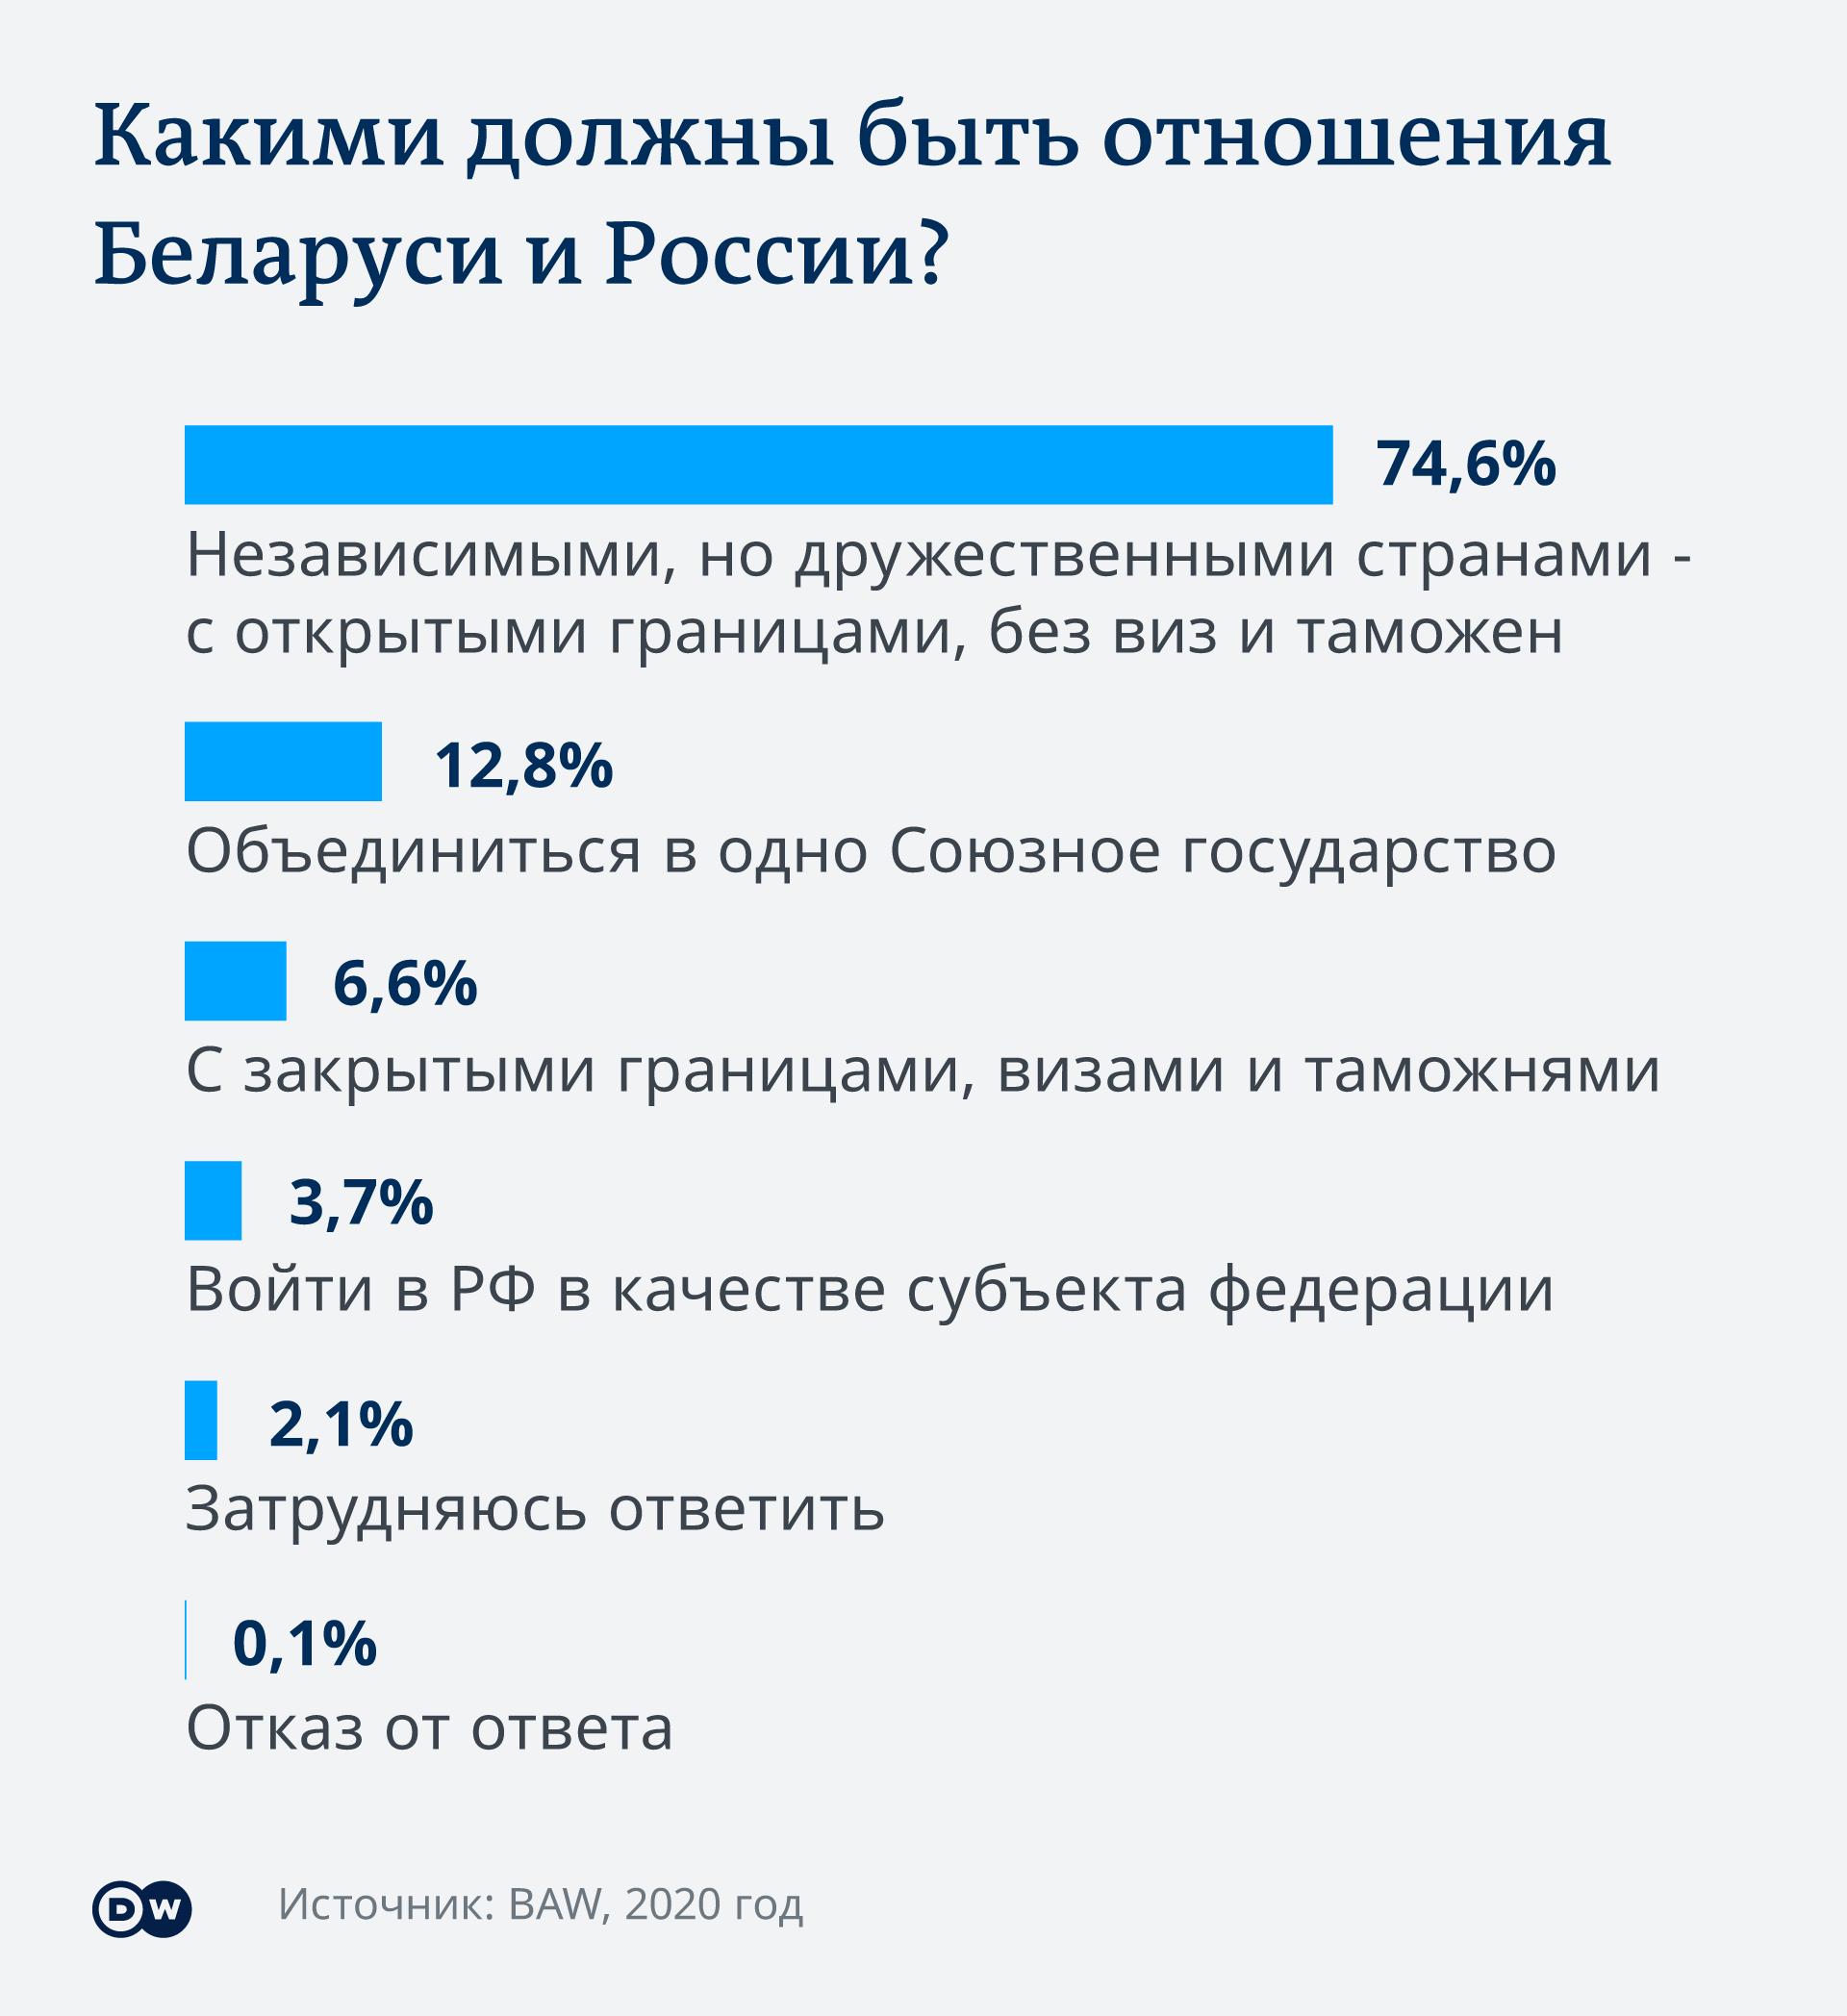 Инфографика Беларусь и Россия